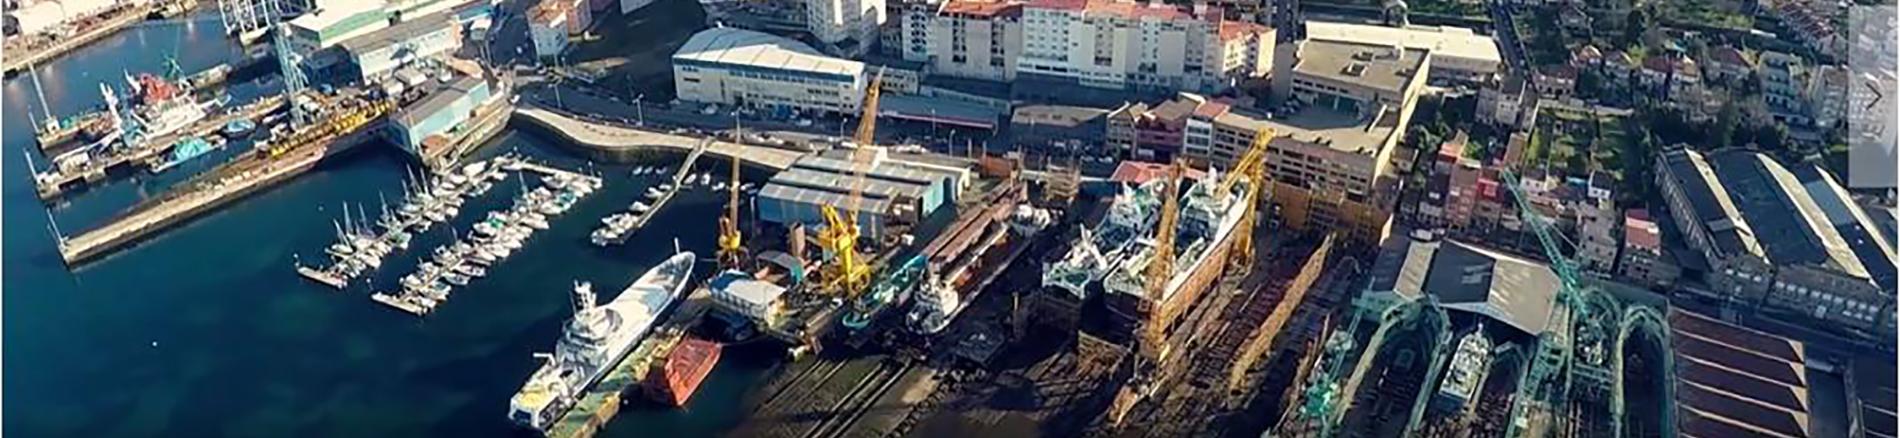 Área Portuaria de Beiramar